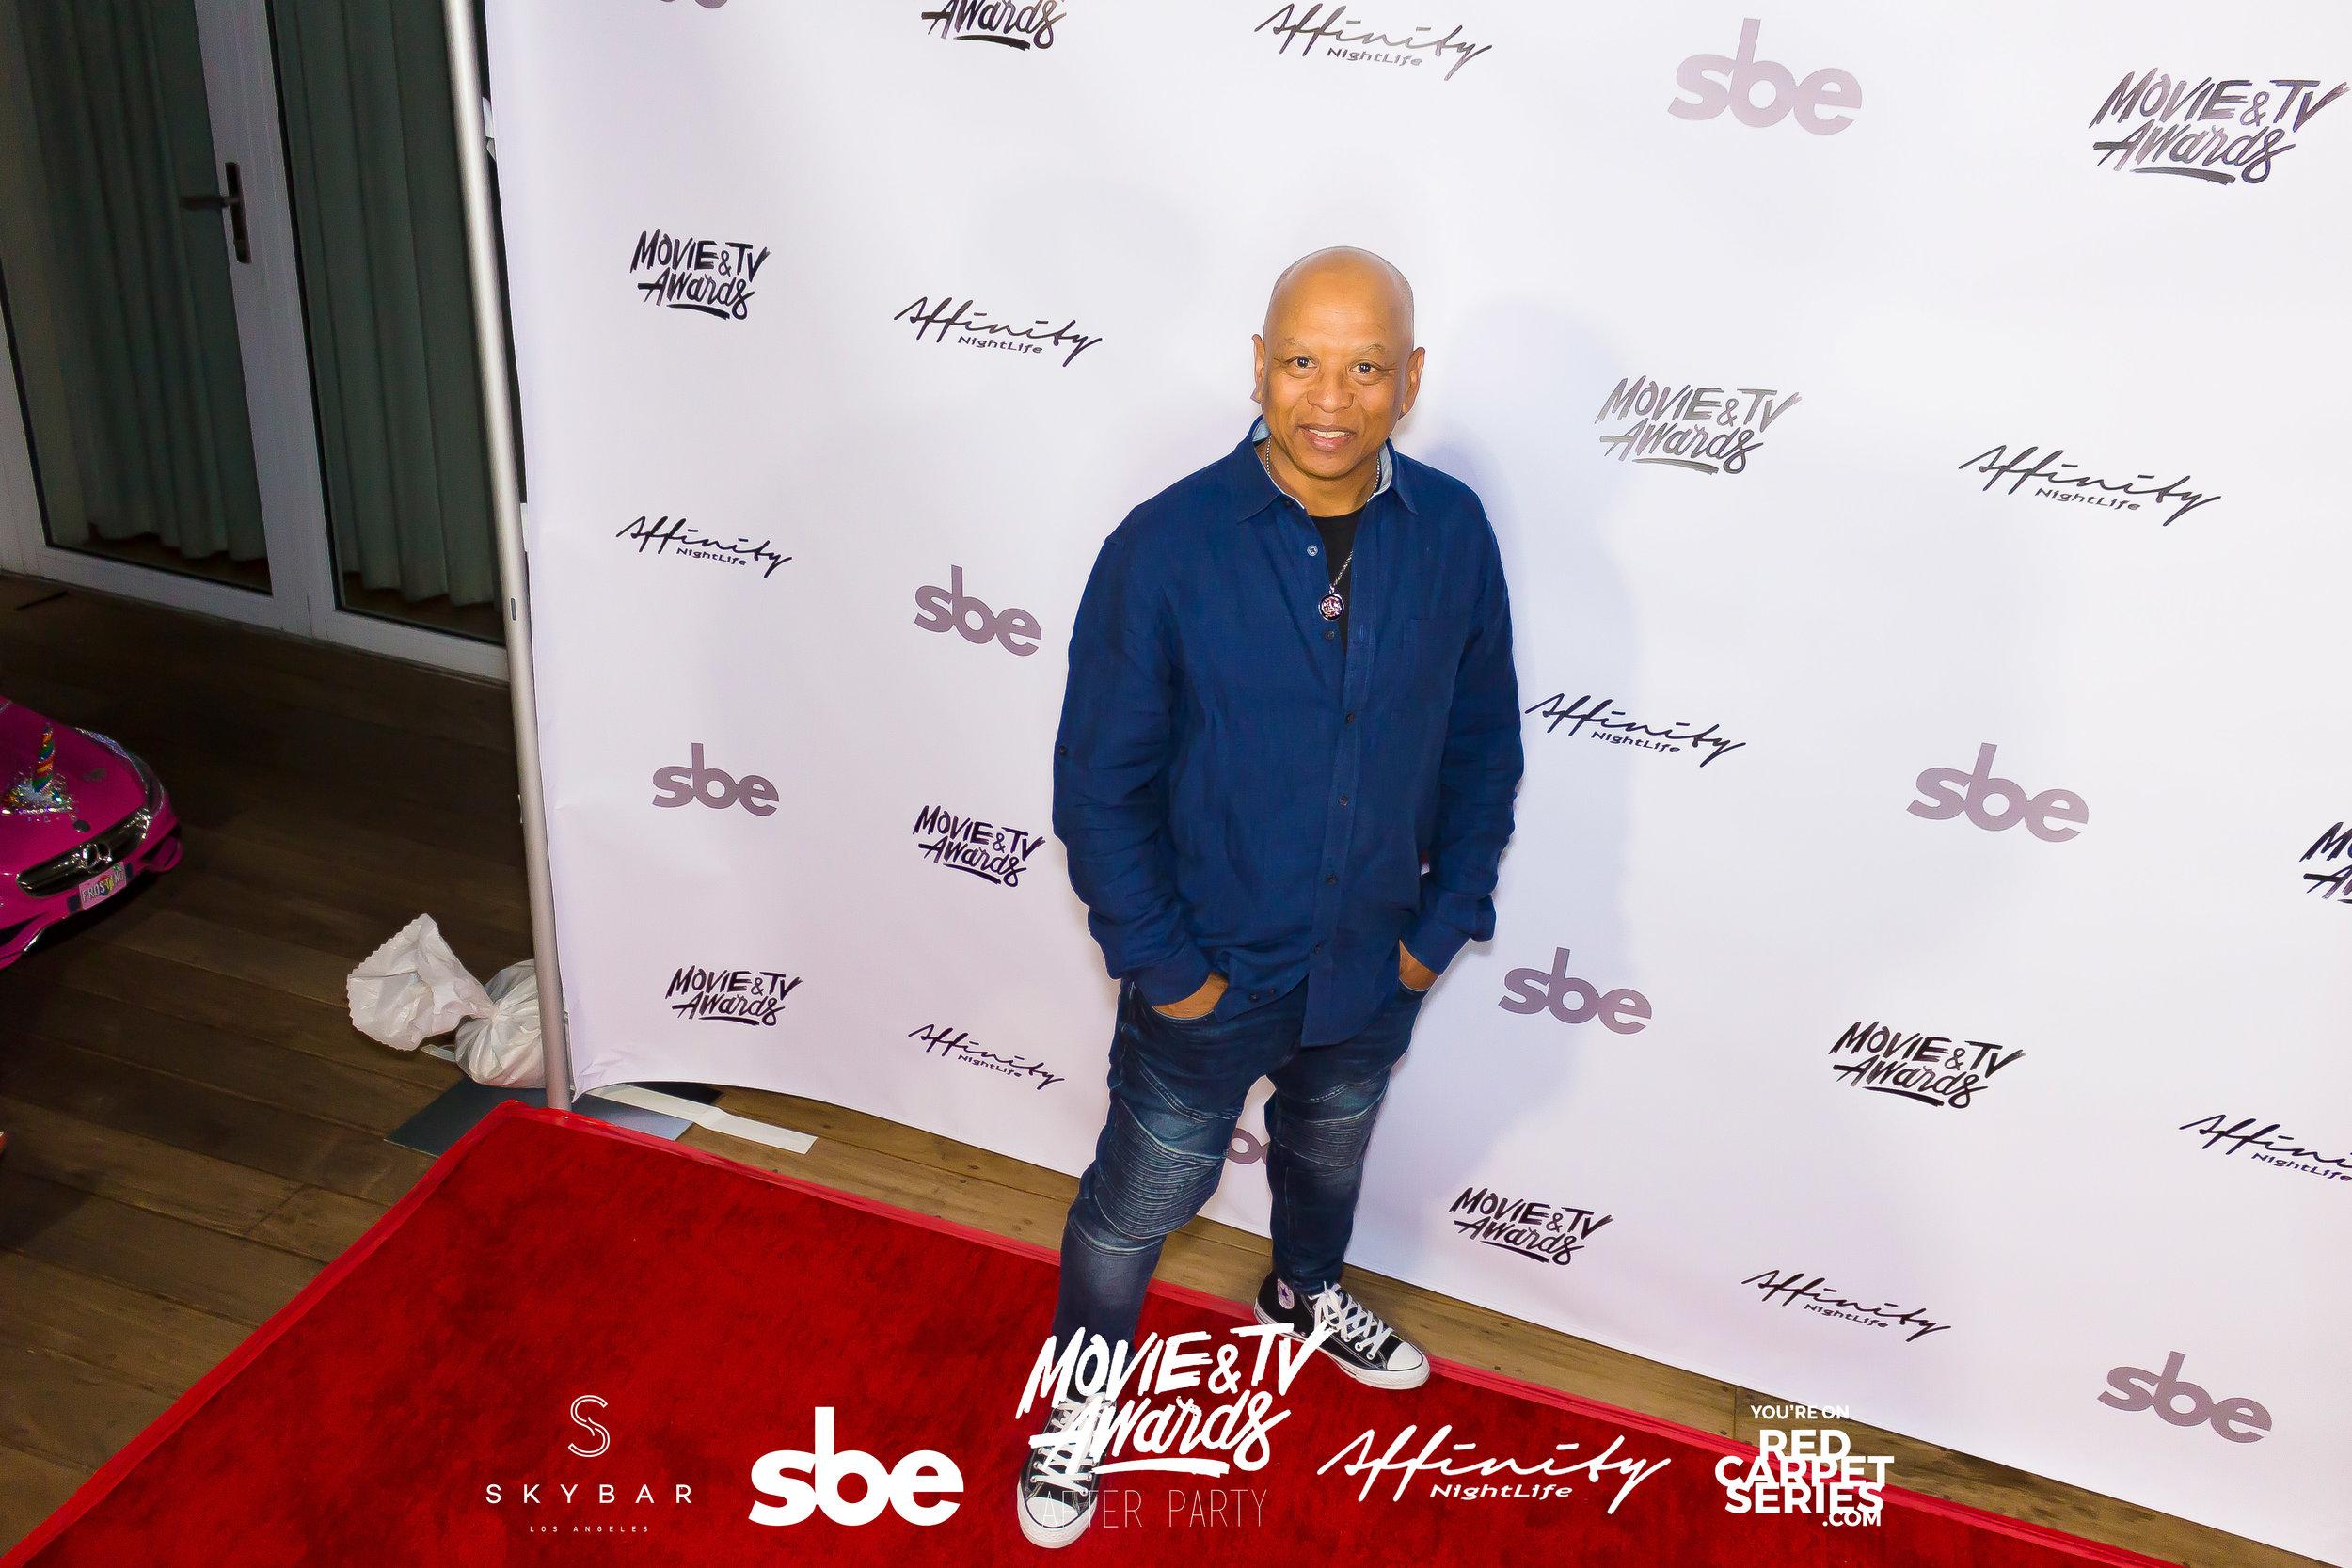 Affinity Nightlife MTV Movie & TV Awards After Party - Skybar at Mondrian - 06-15-19 - Vol. 1_44.jpg